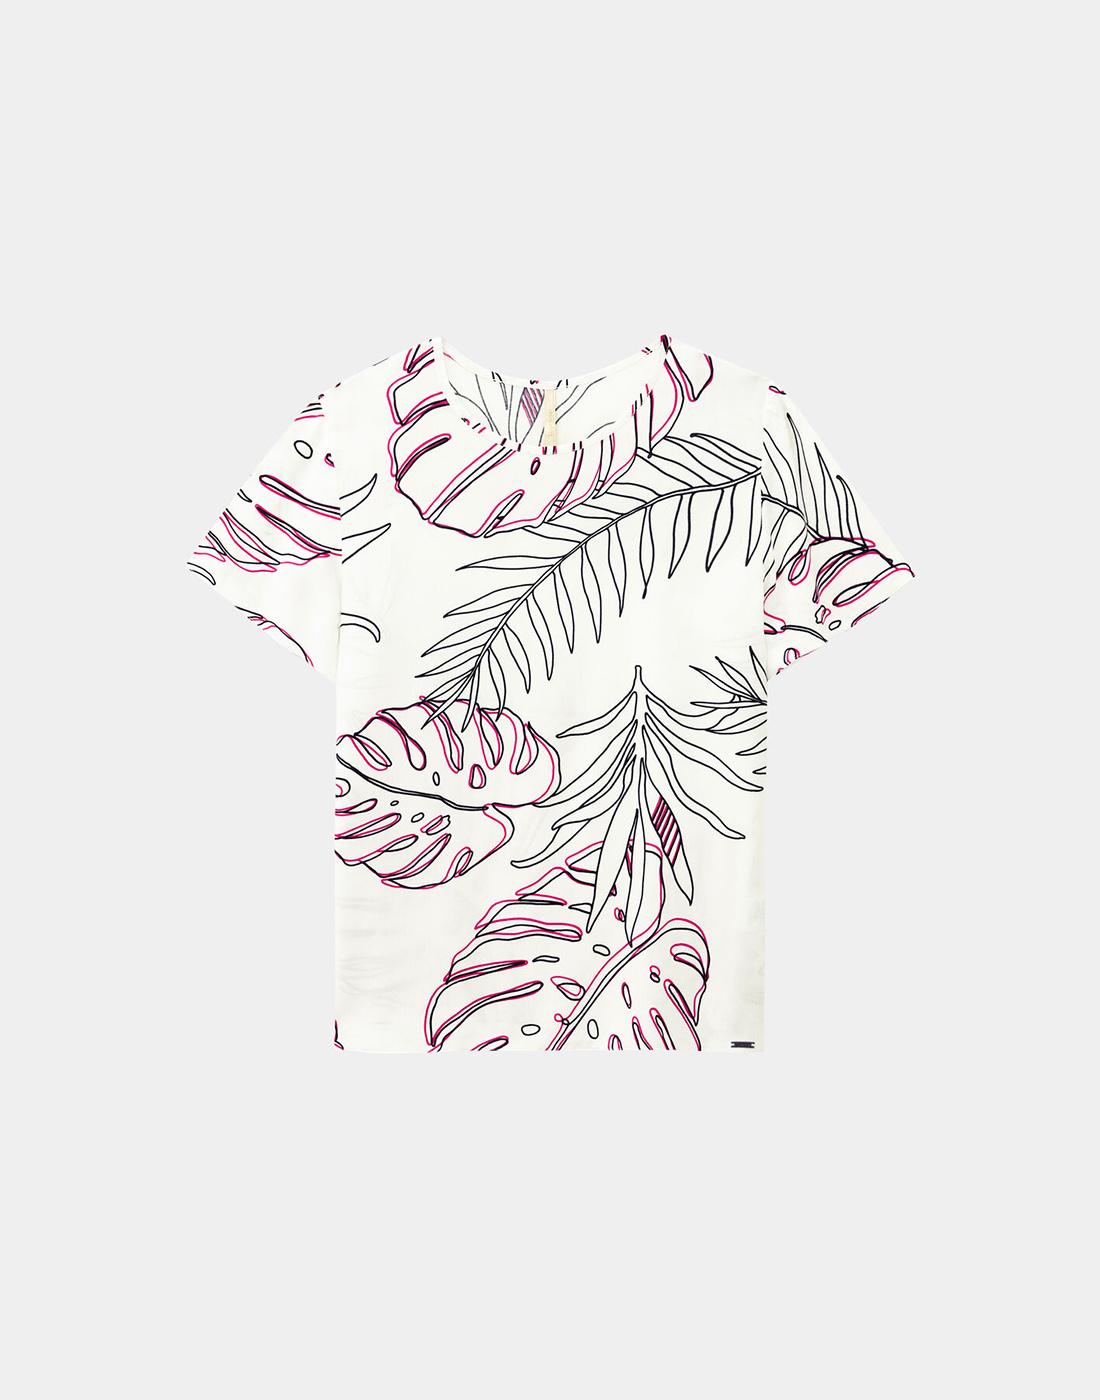 Blusa Estampada Tecido Rayon Branco Off White Lunender